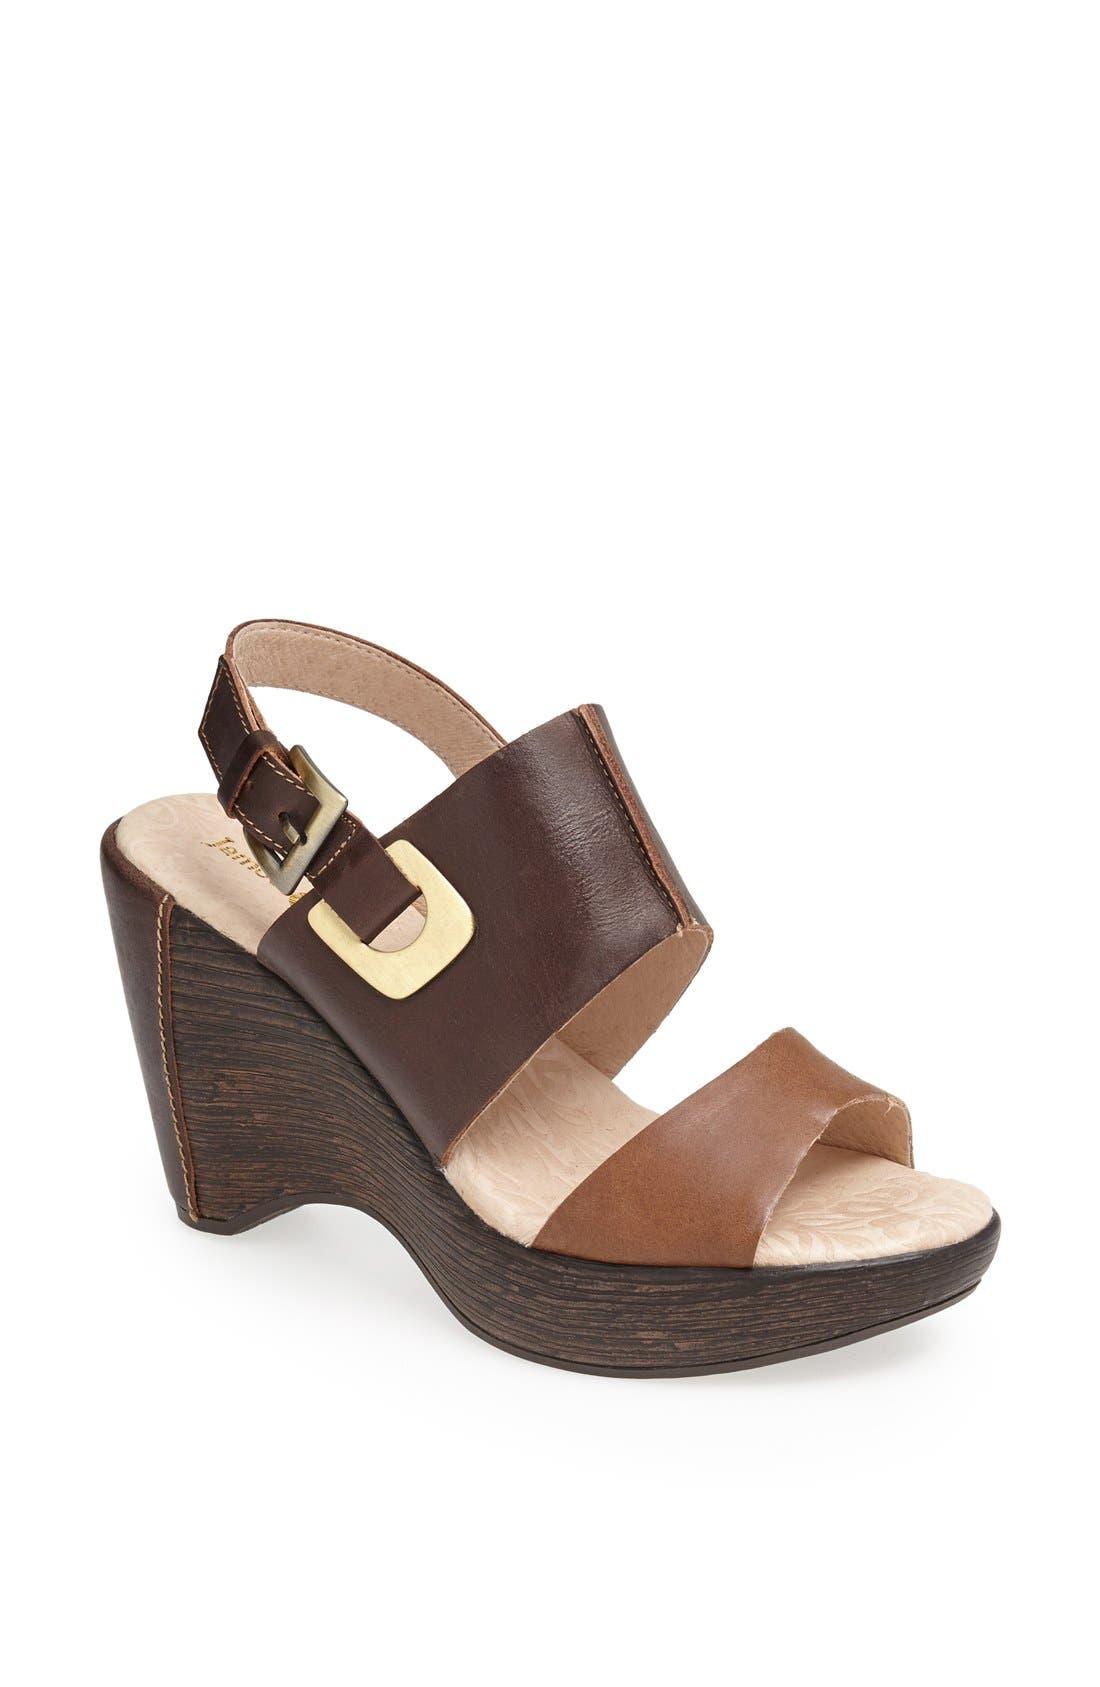 Main Image - Jambu 'Gem' Sandal